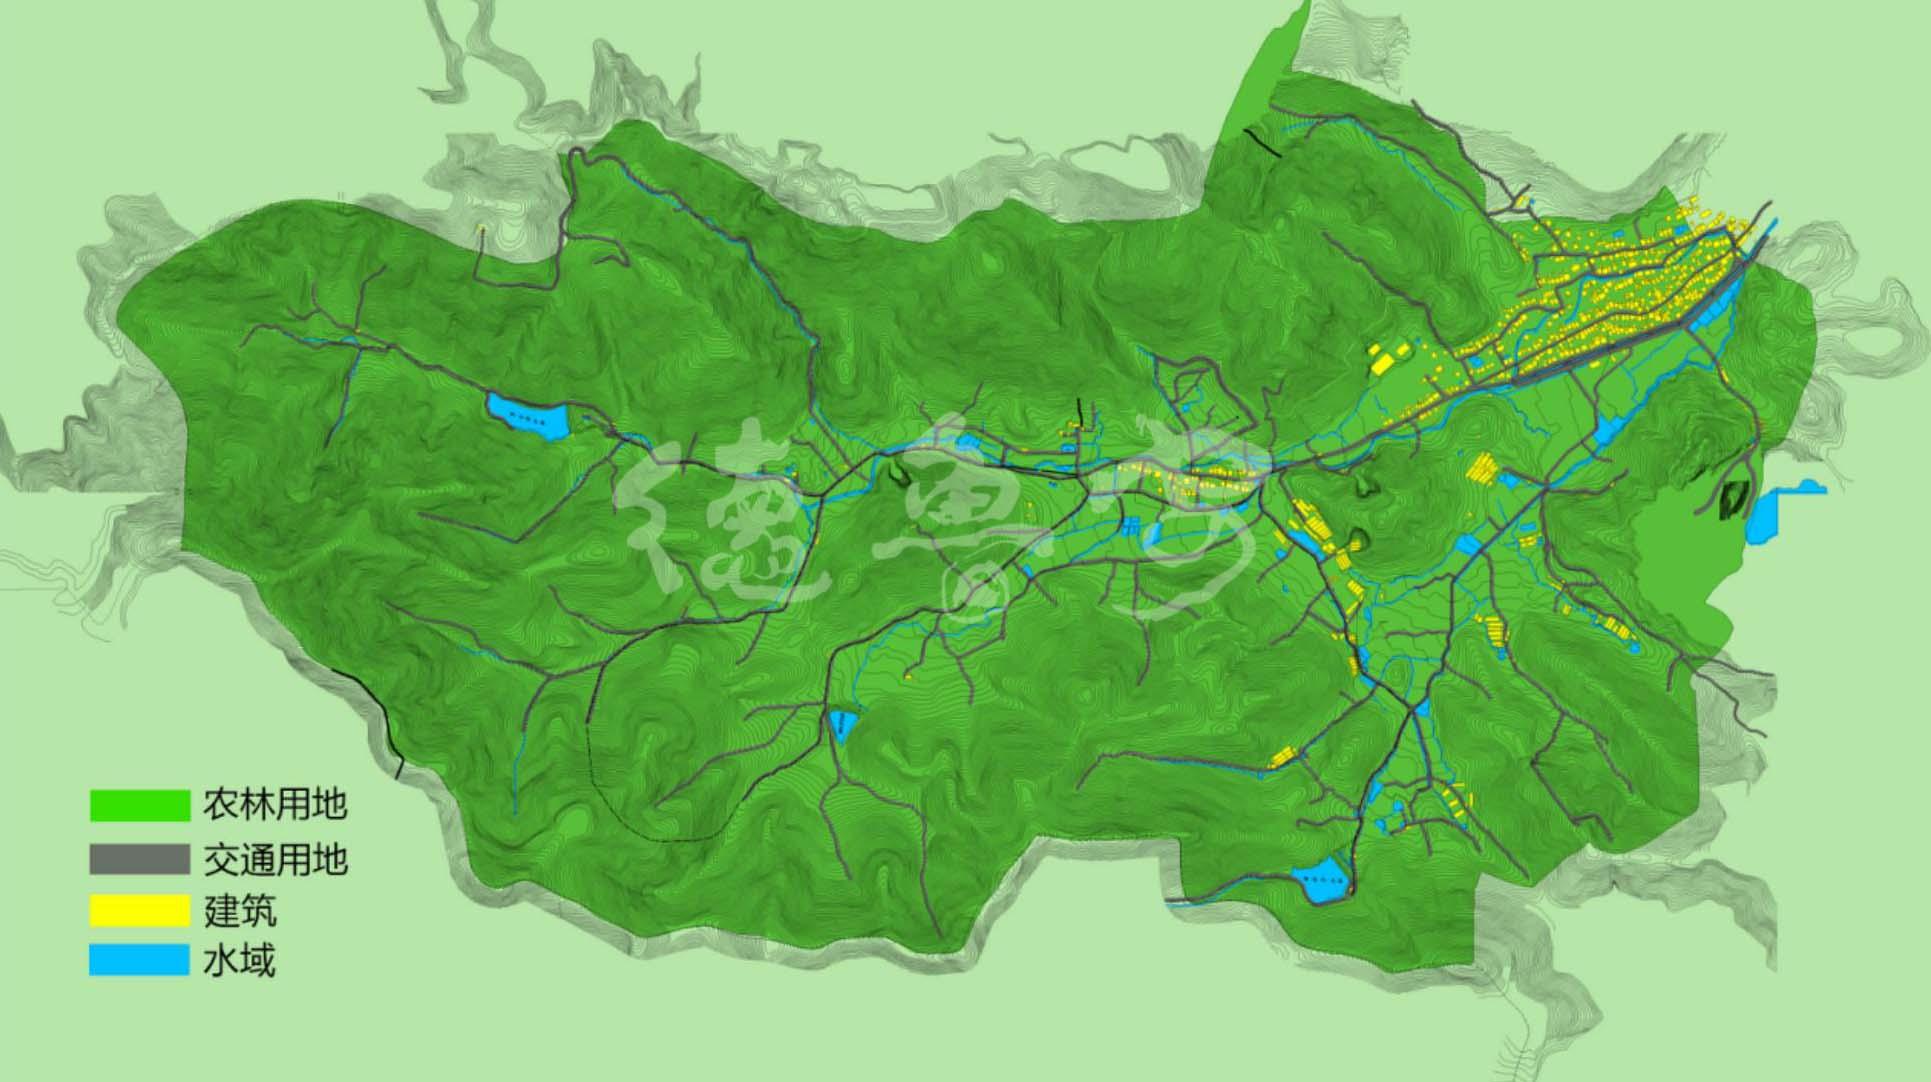 浙江茶分布 地图